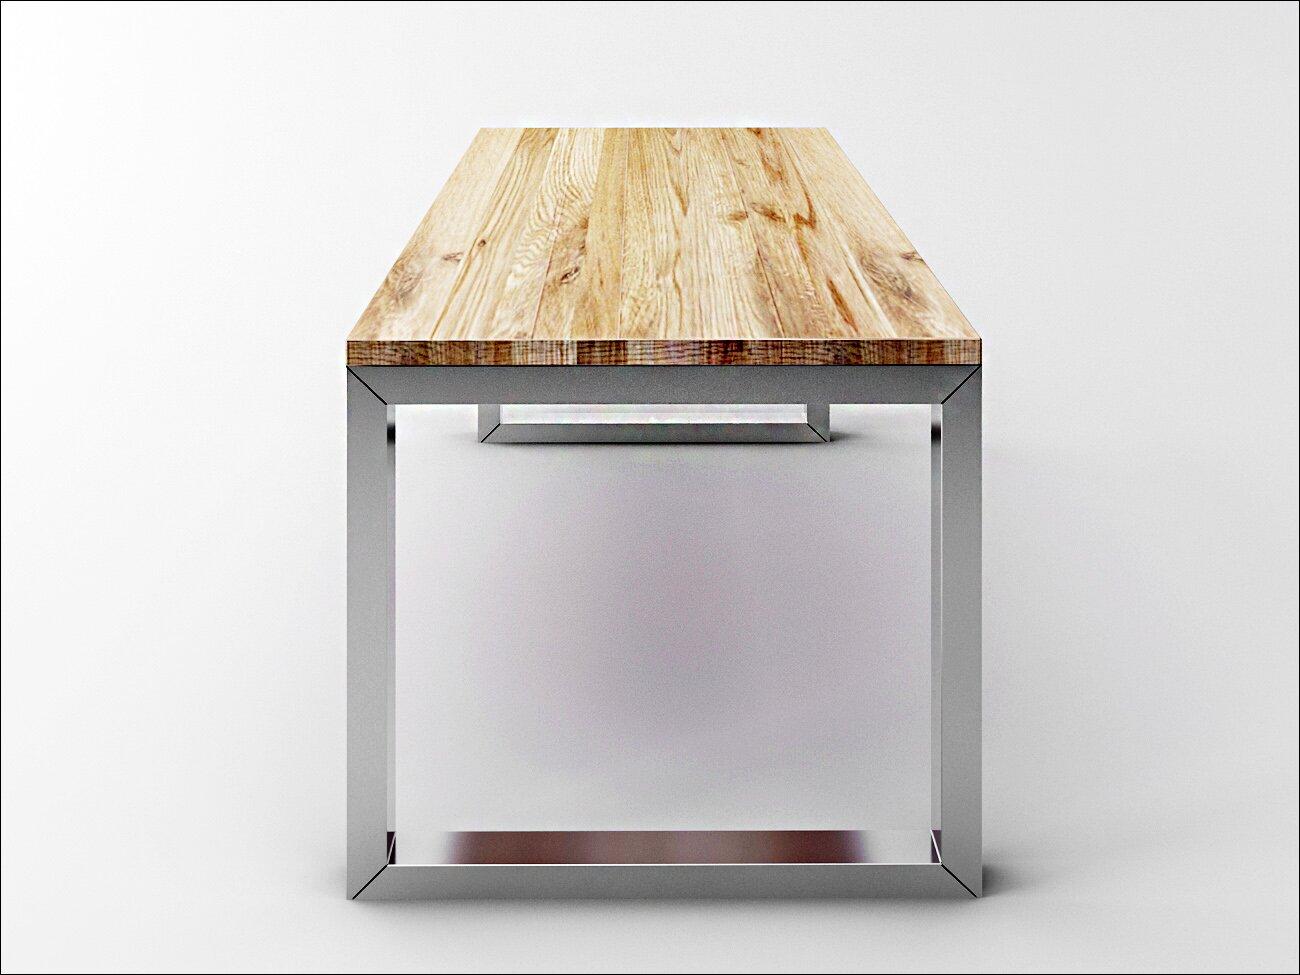 Wizualizacje produktów – Stoły i krzesła